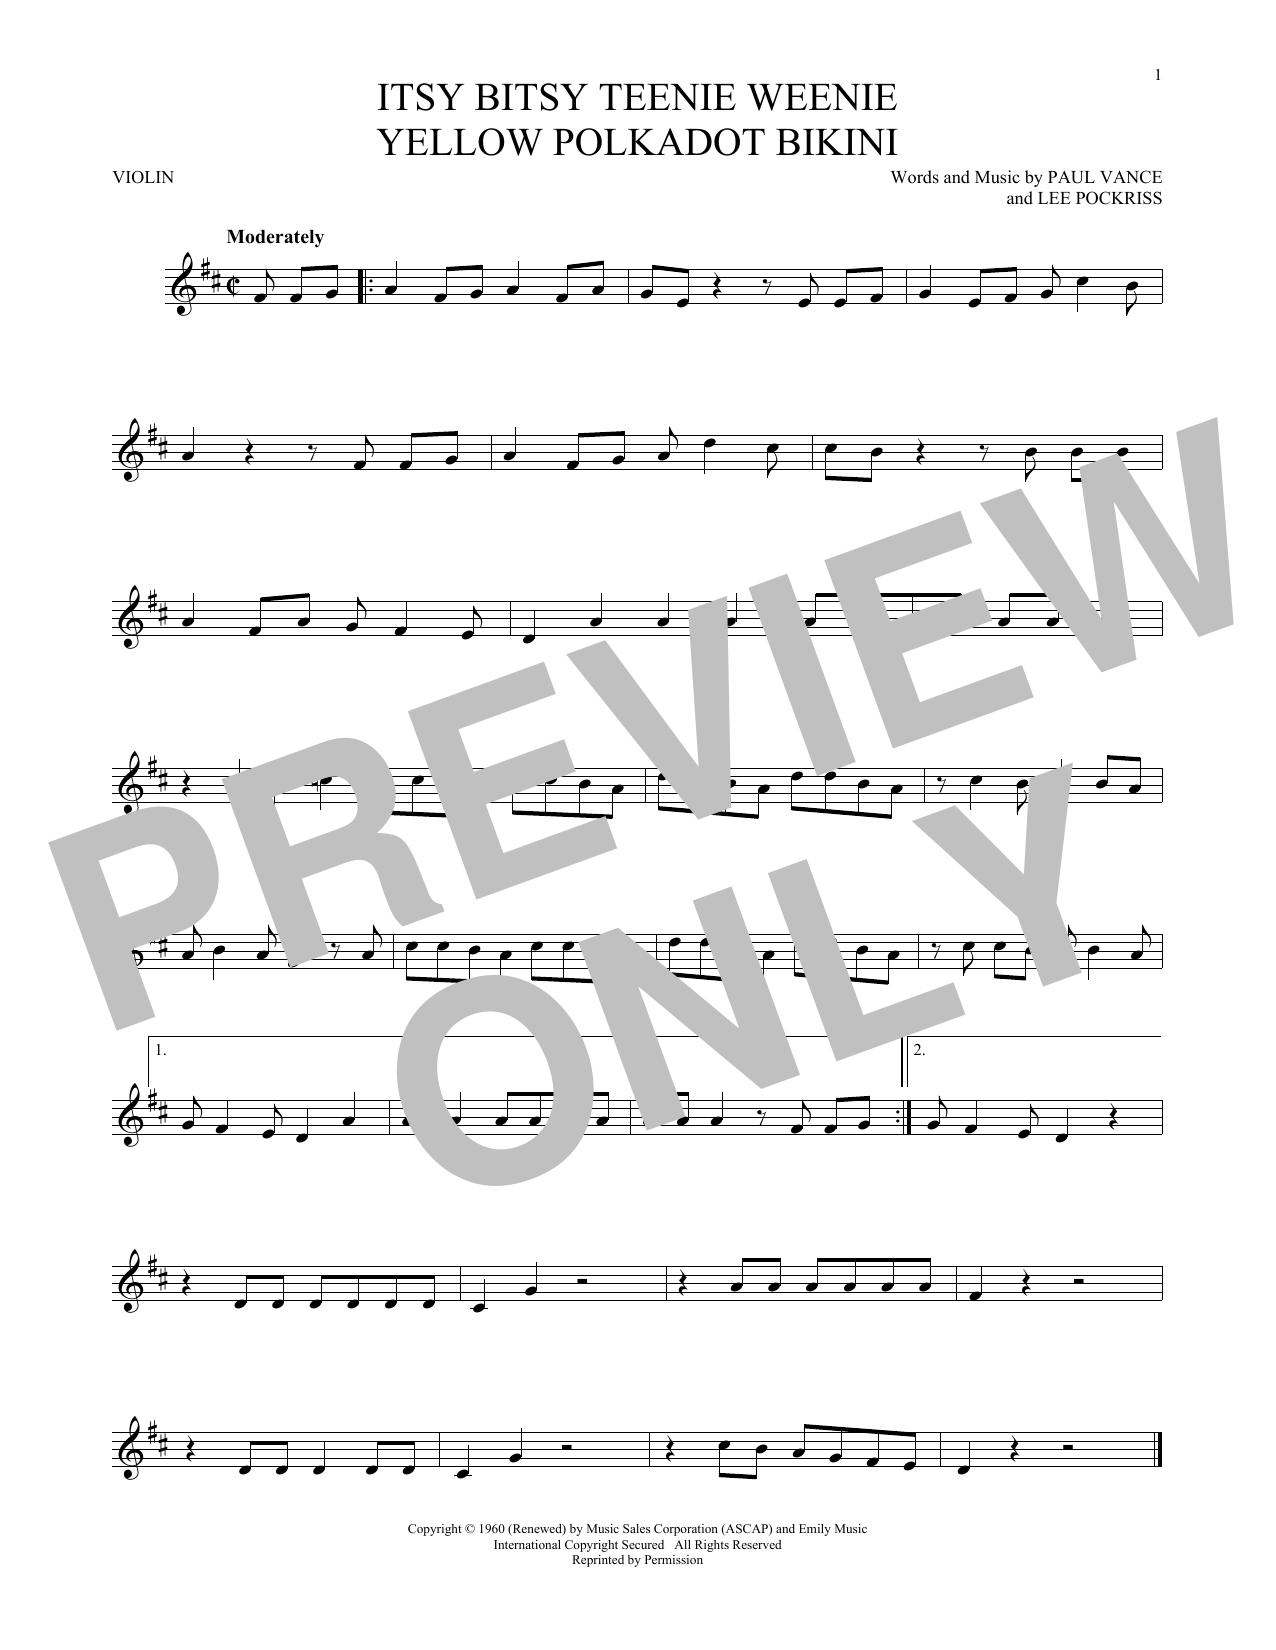 Itsy Bitsy Teenie Weenie Yellow Polkadot Bikini (Violin Solo)